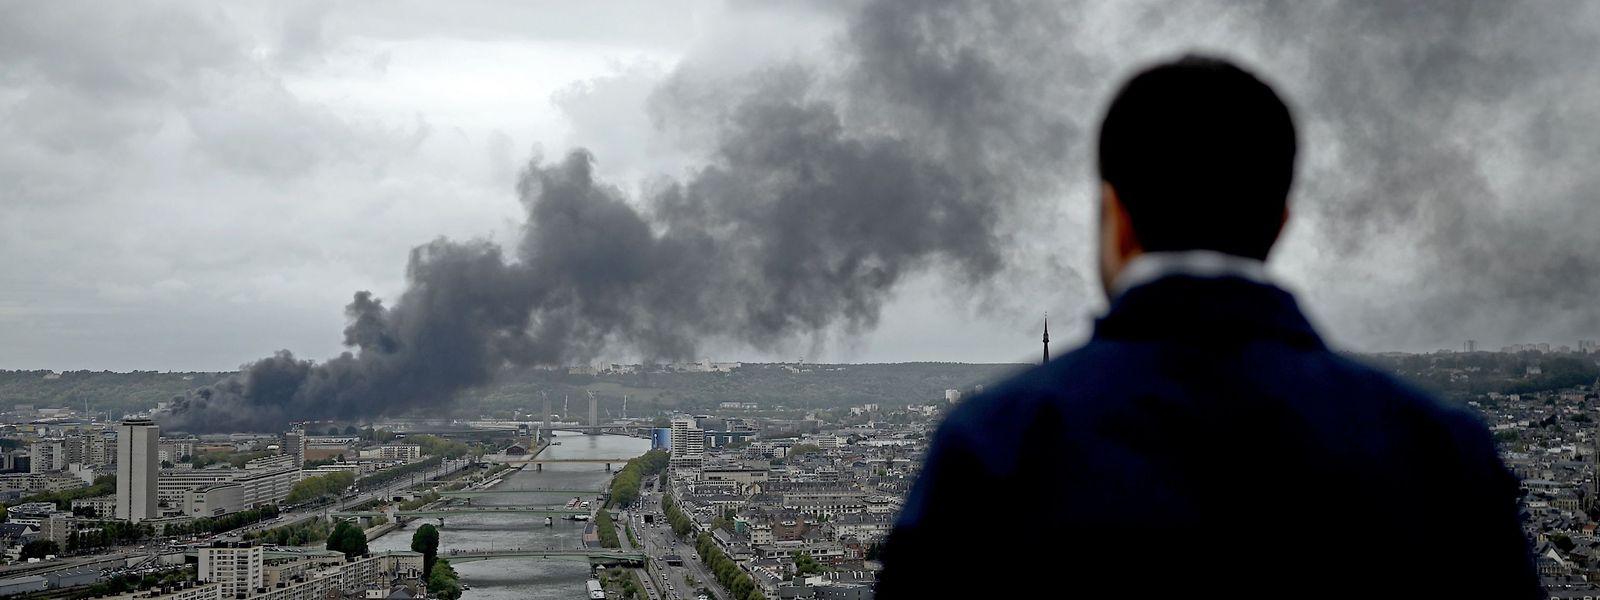 Quatre jours après l'incendie, les établissements scolaires ont enfin pu rouvrir à Rouen et dans ses environs.